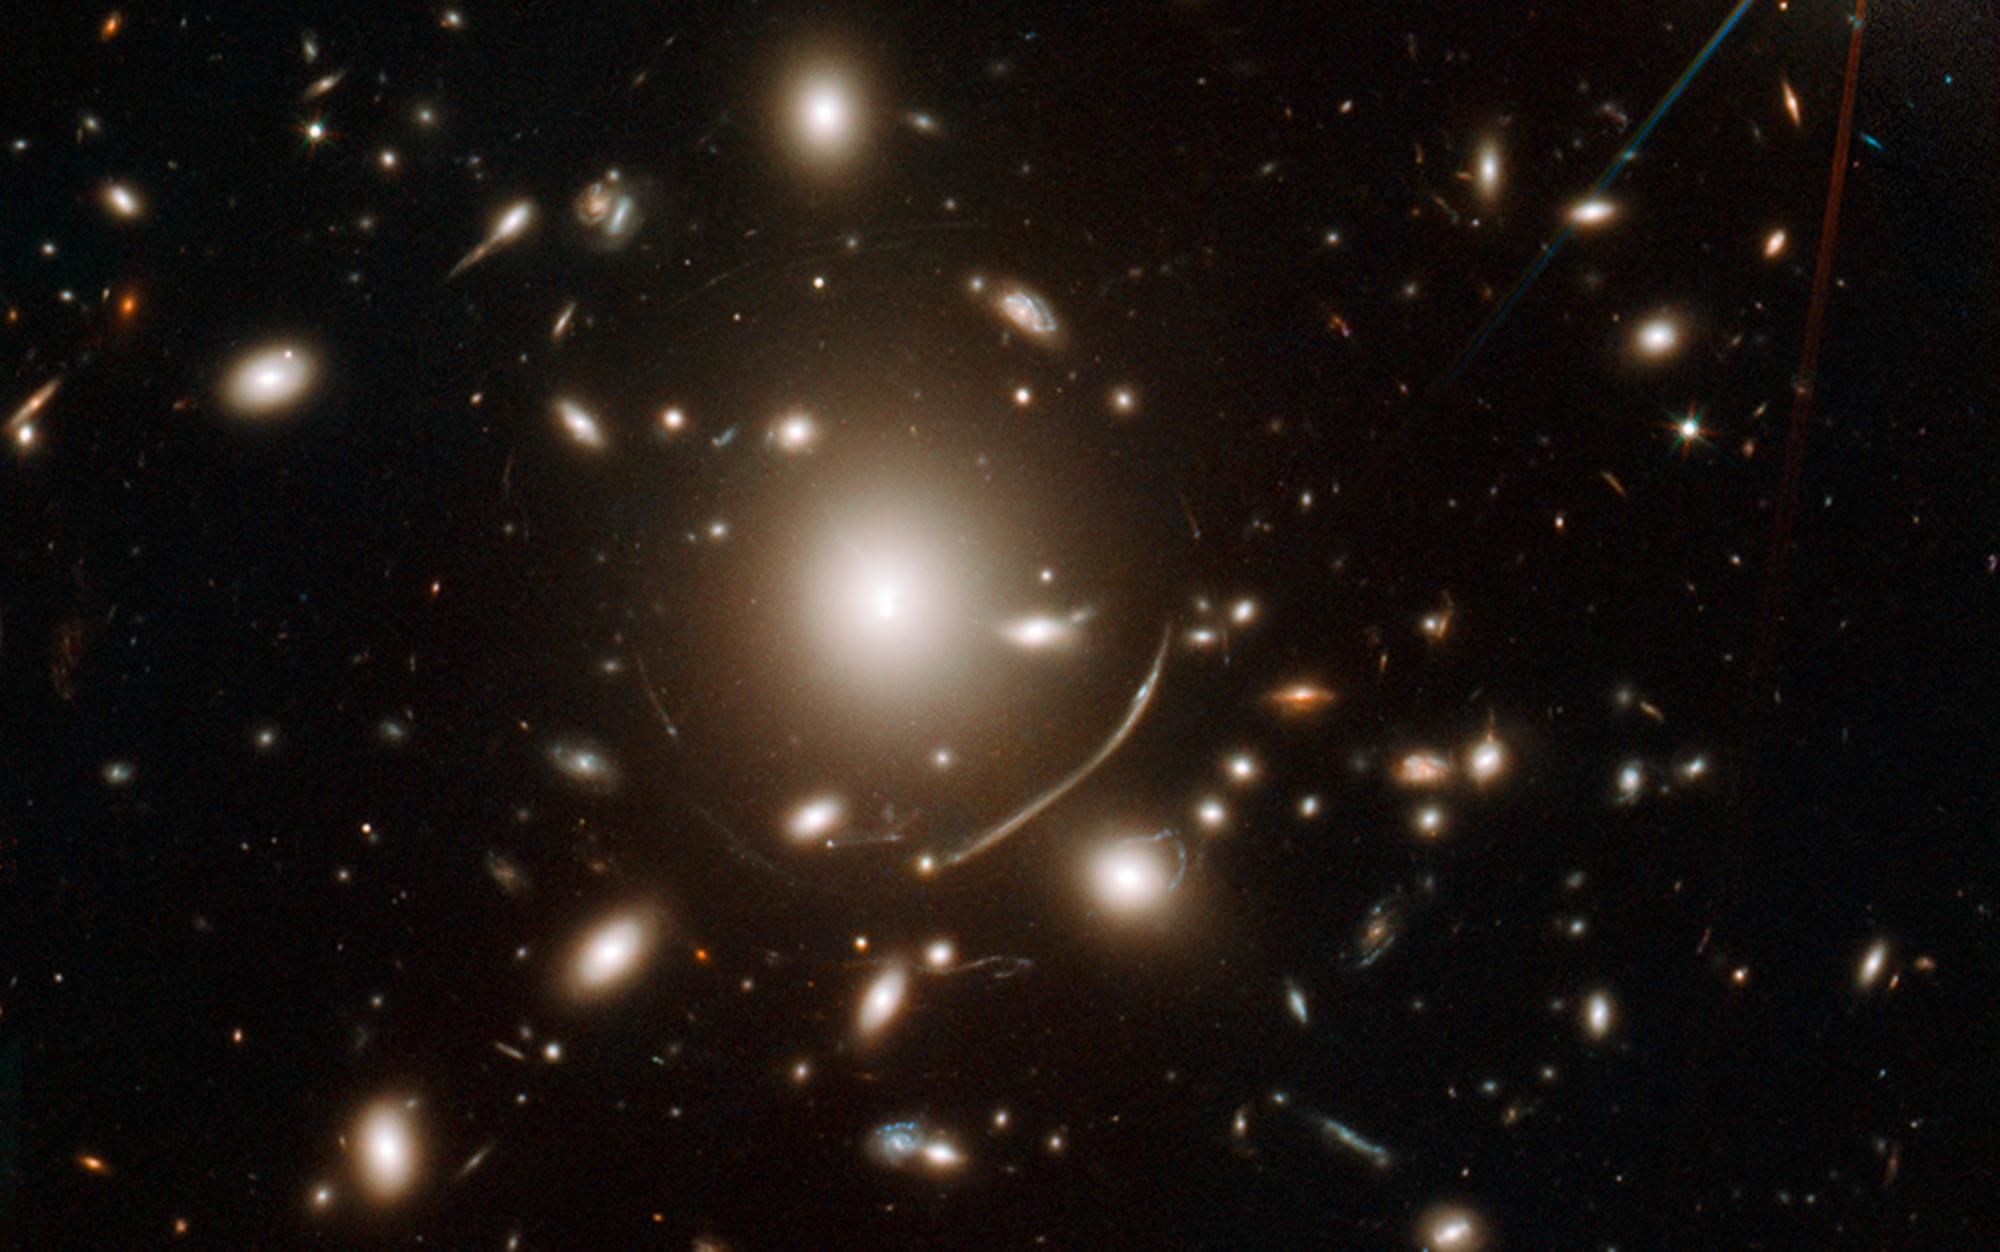 [Перевод] Сверхтекучая Вселенная: тёмная материя как конденсат Бозе-Эйнштейна